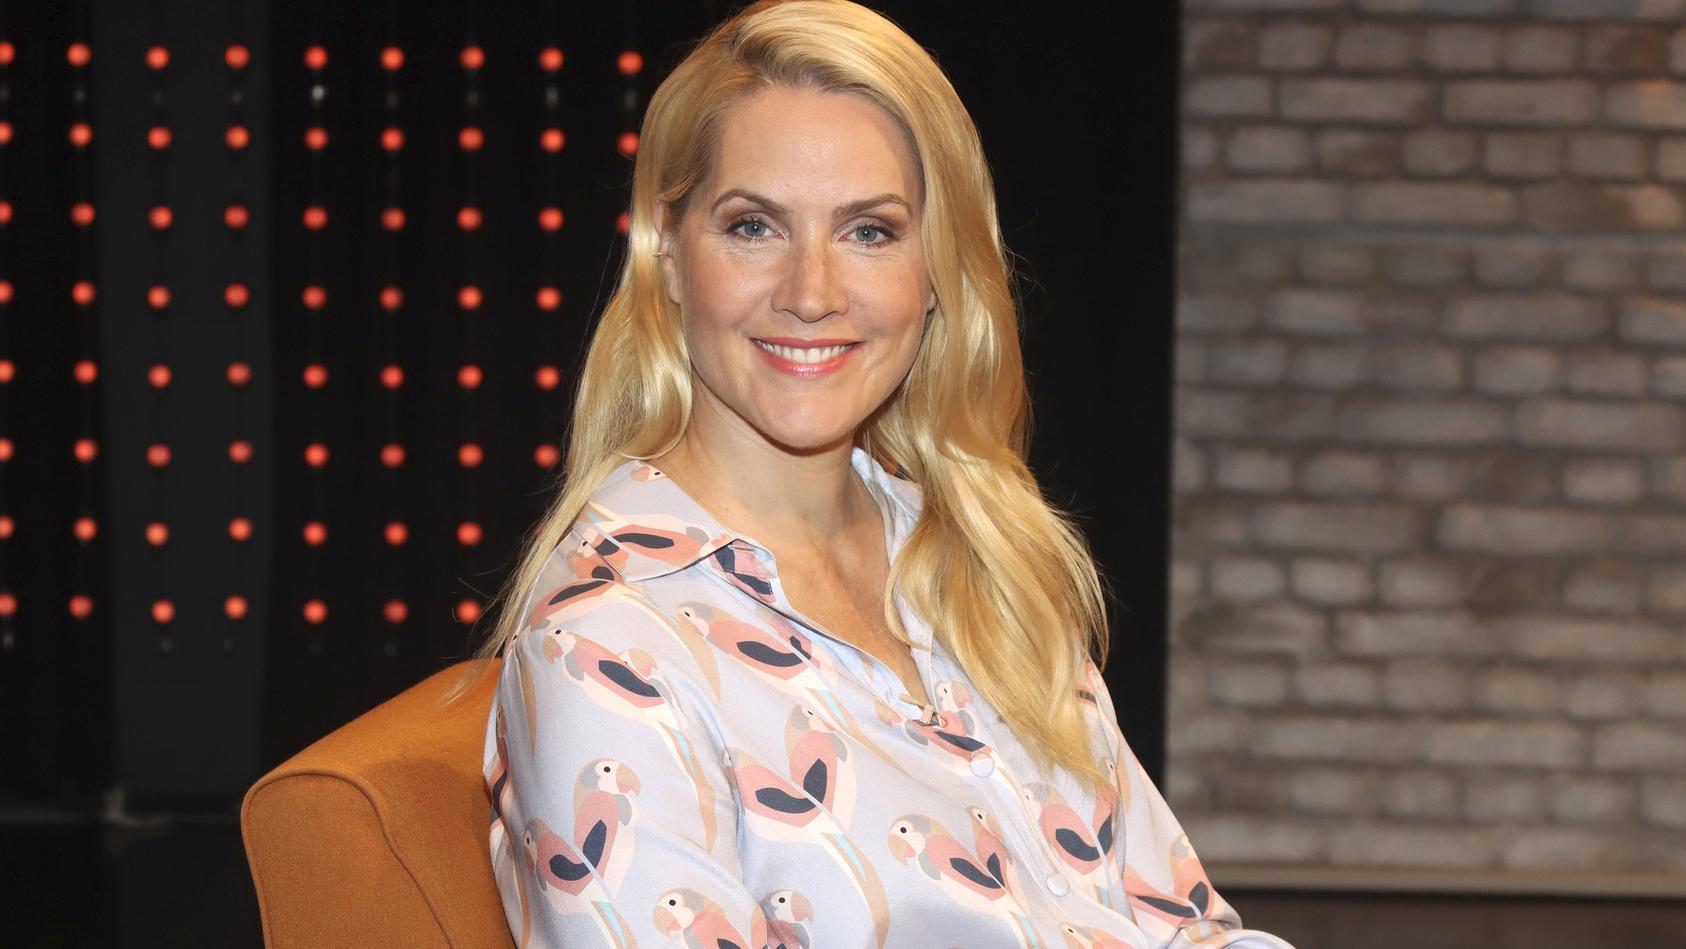 Judith Rakers bei der Aufzeichnung der Radio Bremen Talkshow '3 nach 9' im Eventstudio im Weserhaus in Bremen Anfang Juli.